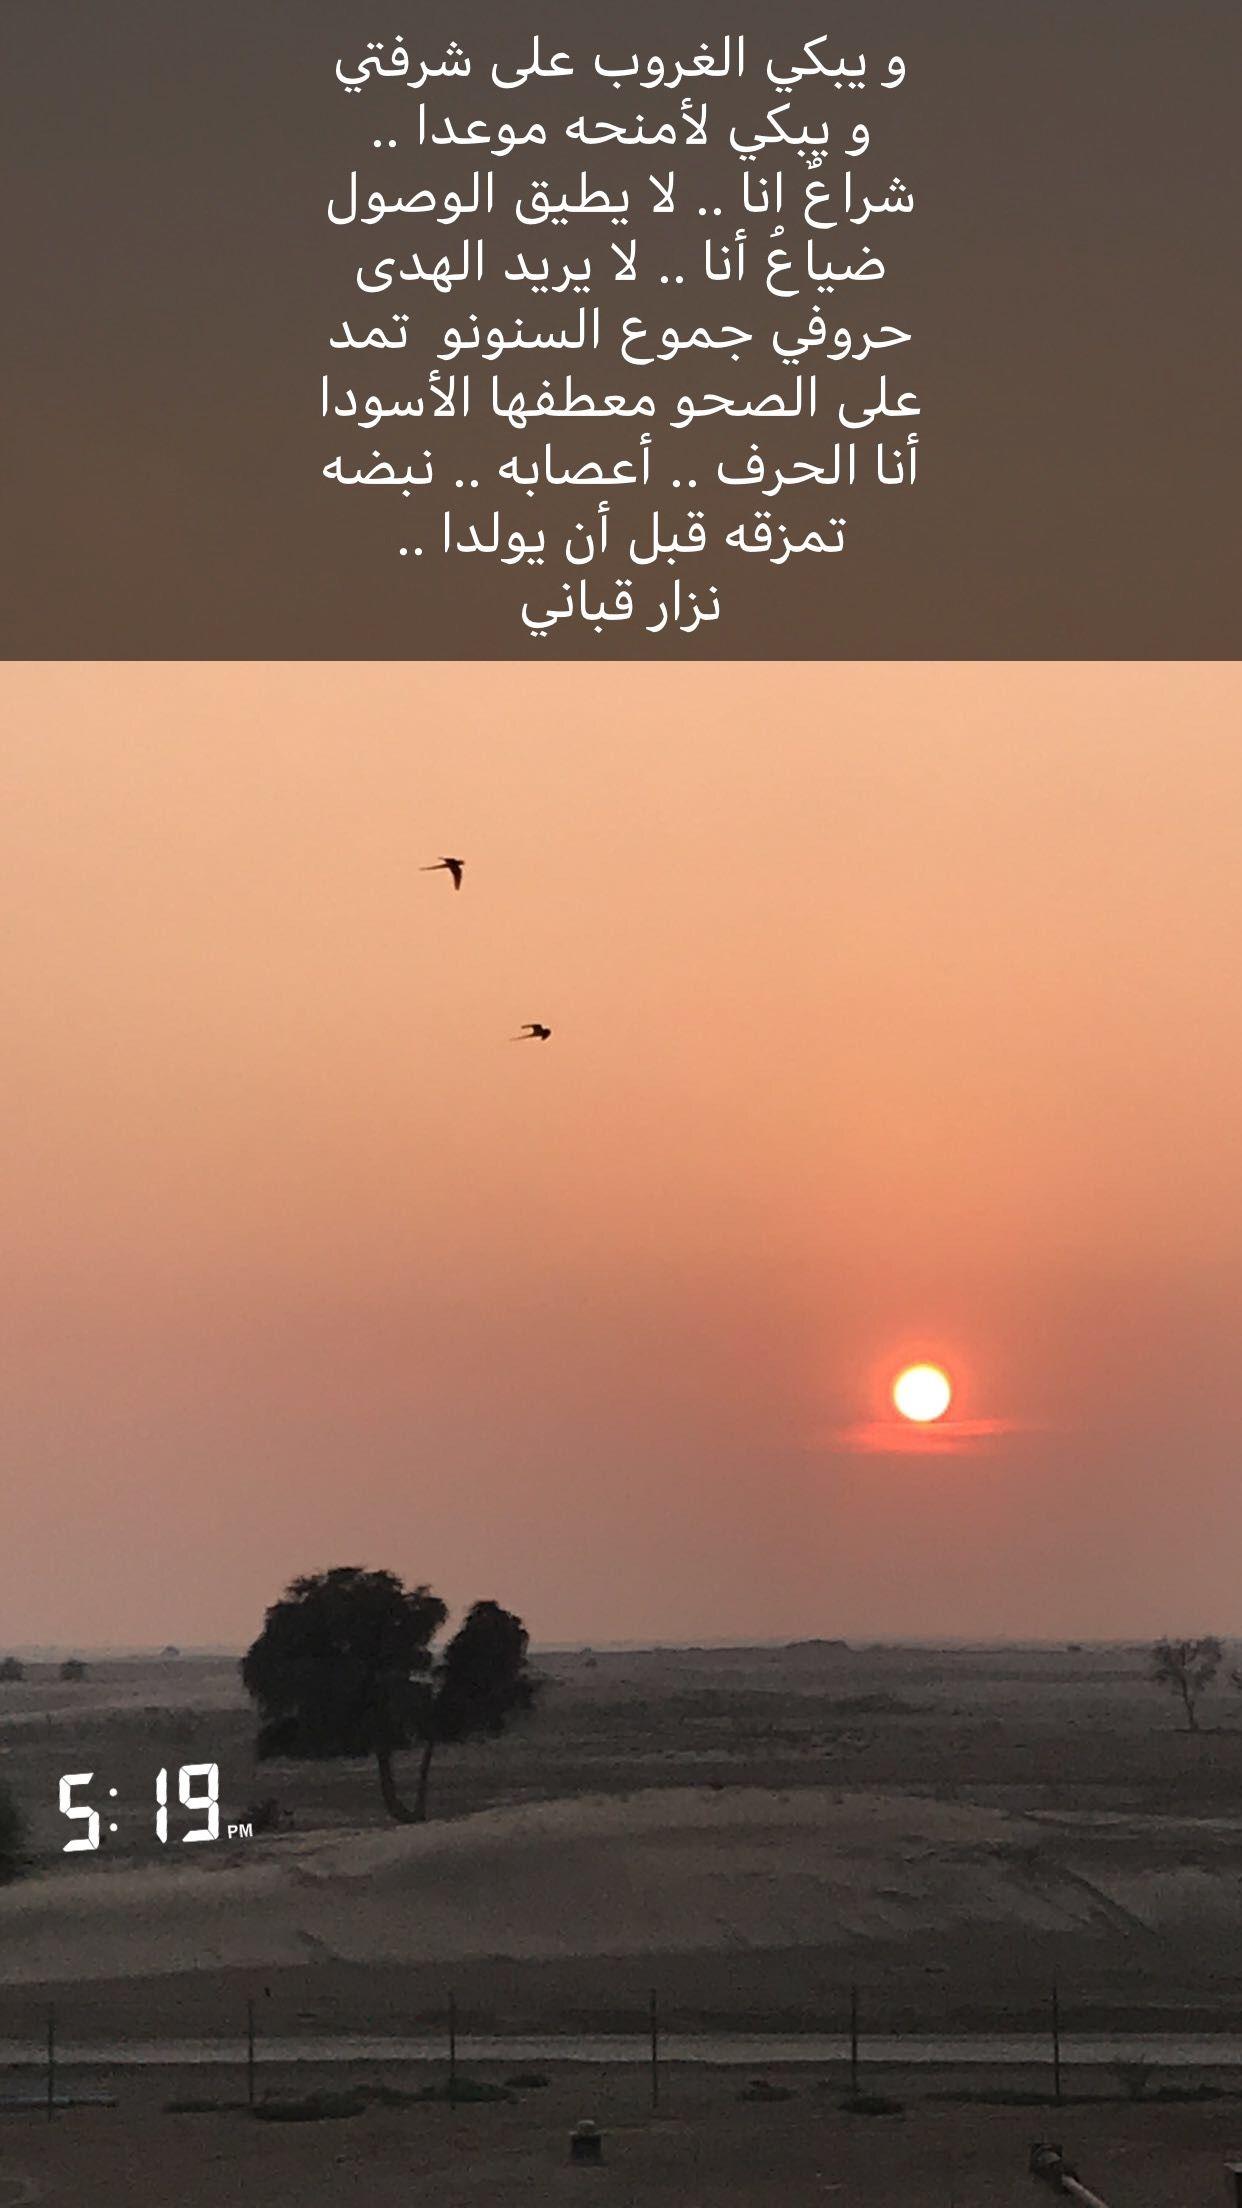 حافية القدمين في الصحراء امشي وارفرف بجناحي نحو الغياب وأبكي طير لا أشبه ولا يشبهني احد Iwo Arabic Quotes Poster